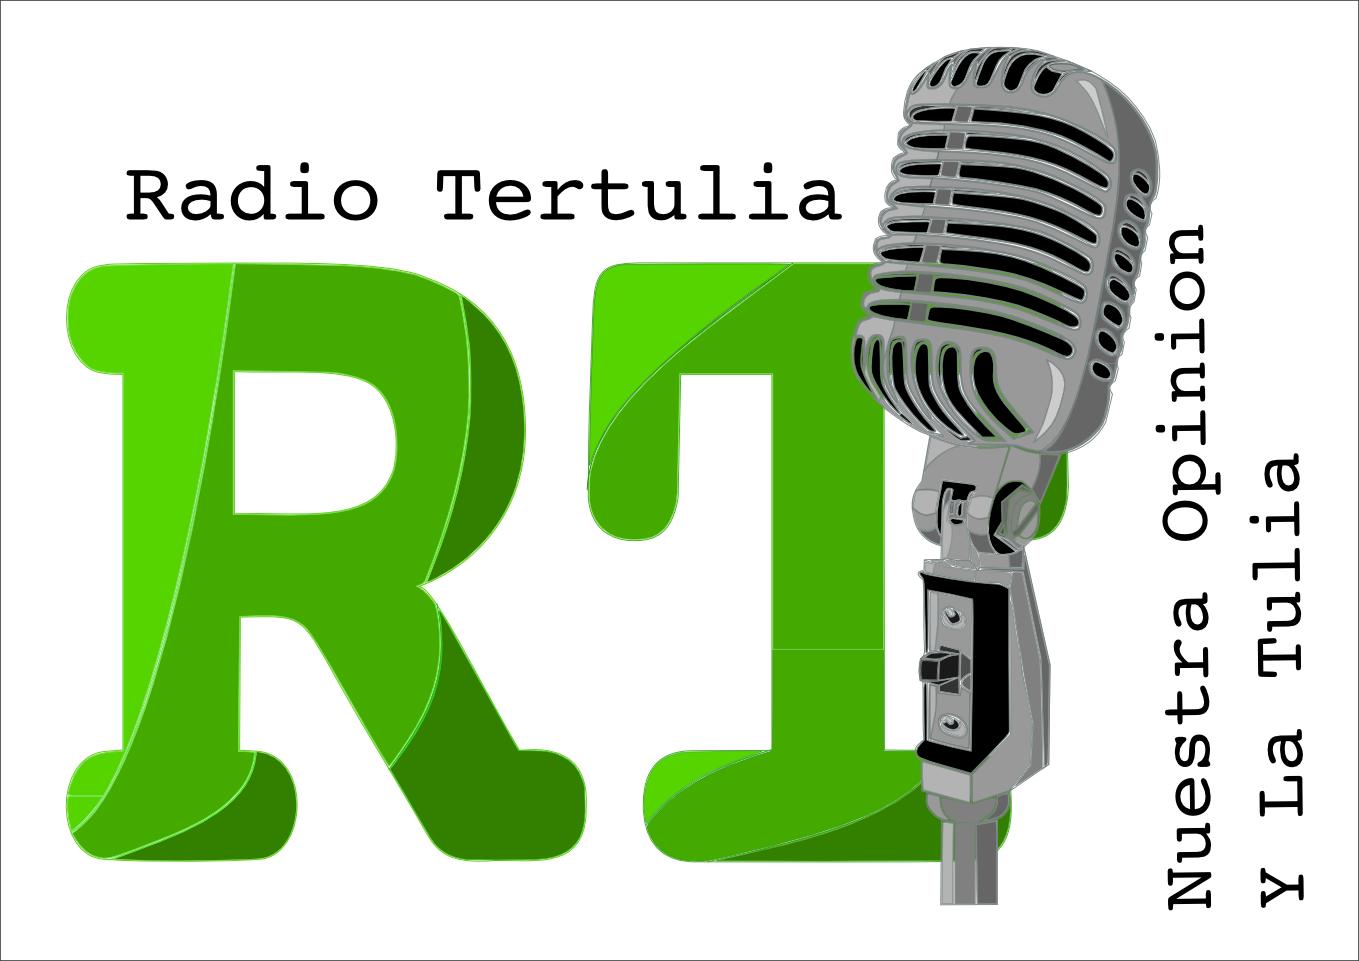 Radio Tertulia live